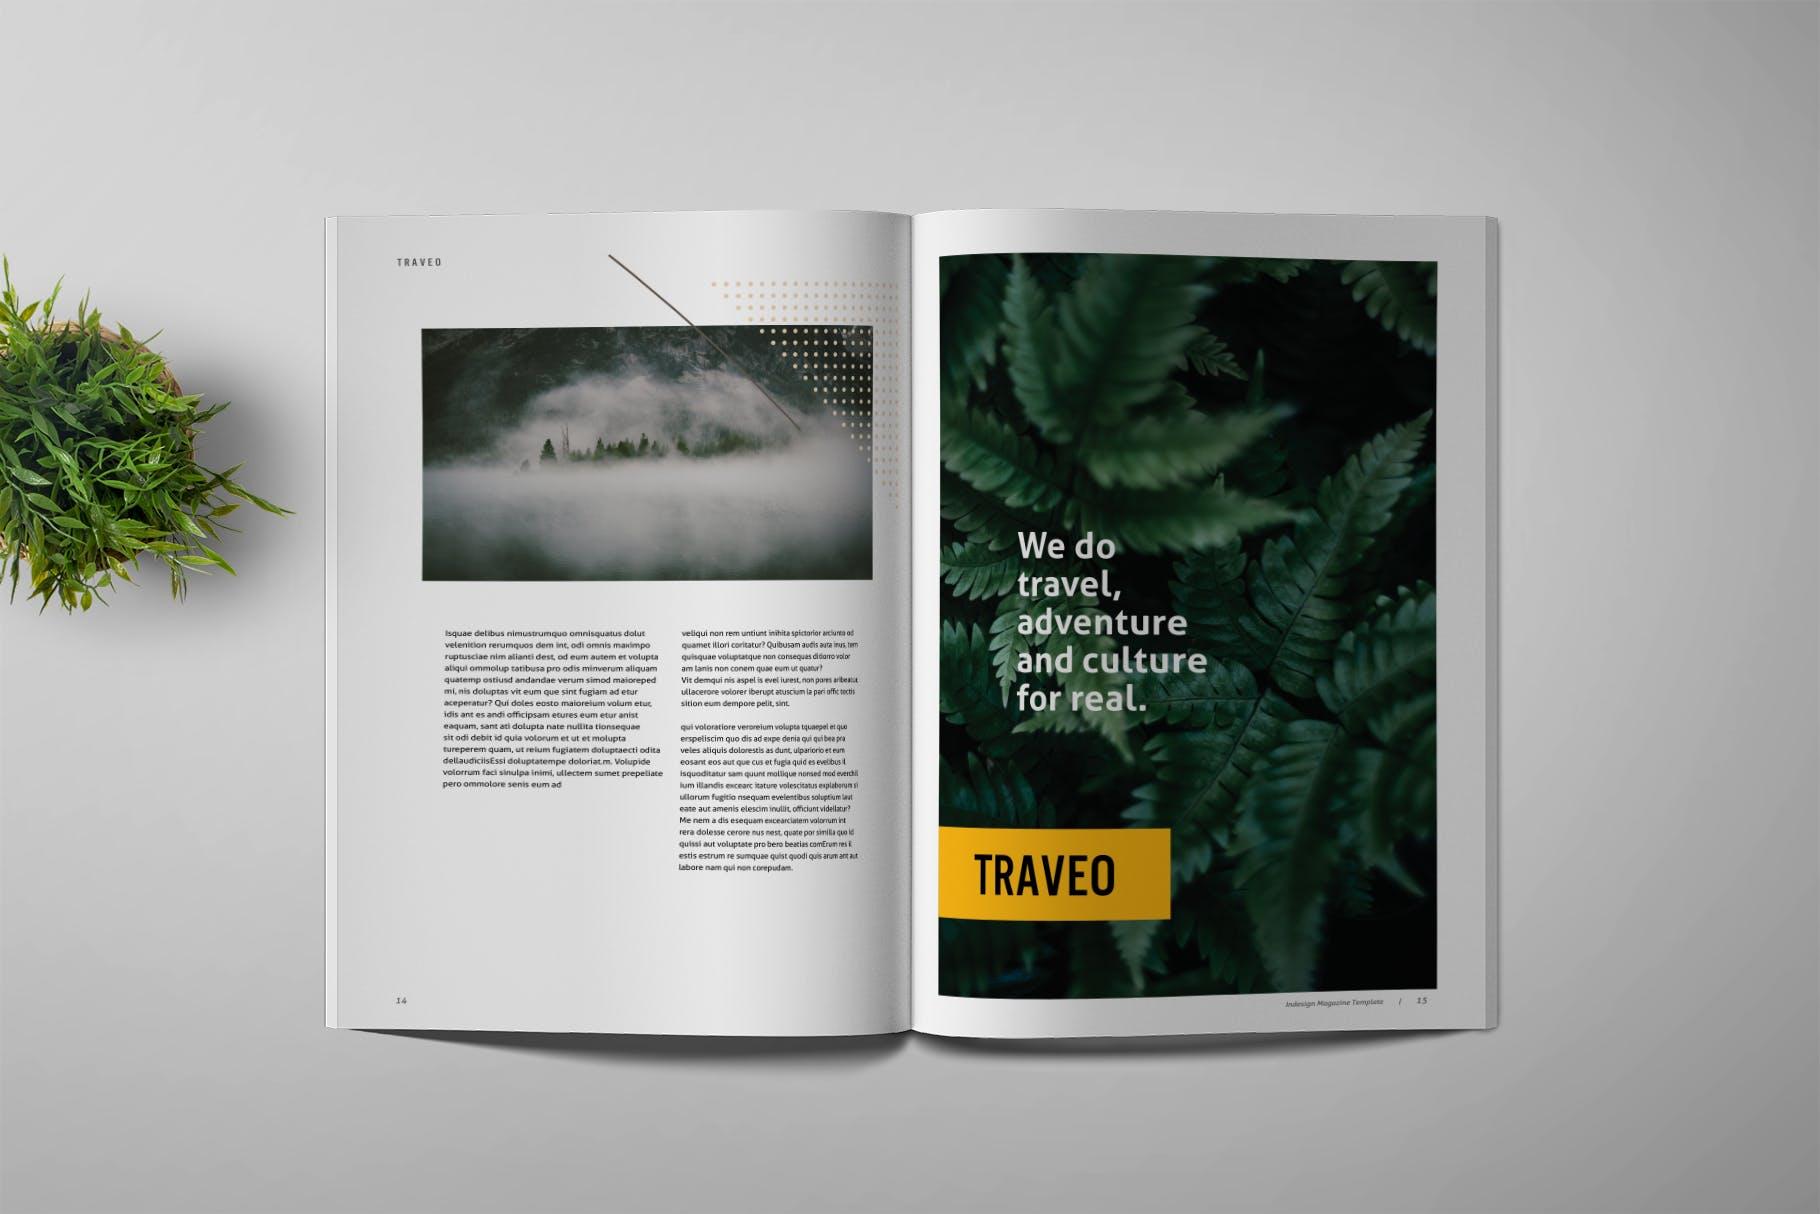 旅游出行类画册杂志模板展示素材Traveo - Magazine Template